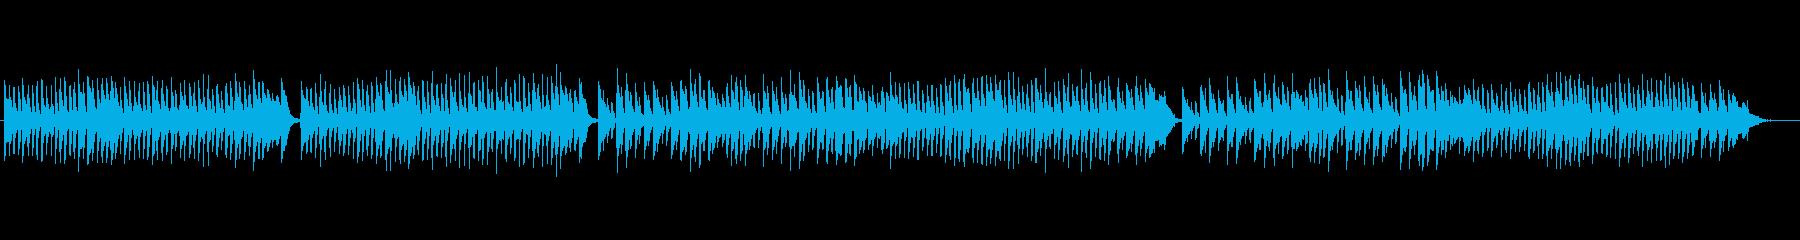 クラシックピアノ、チェルニーNo.10の再生済みの波形